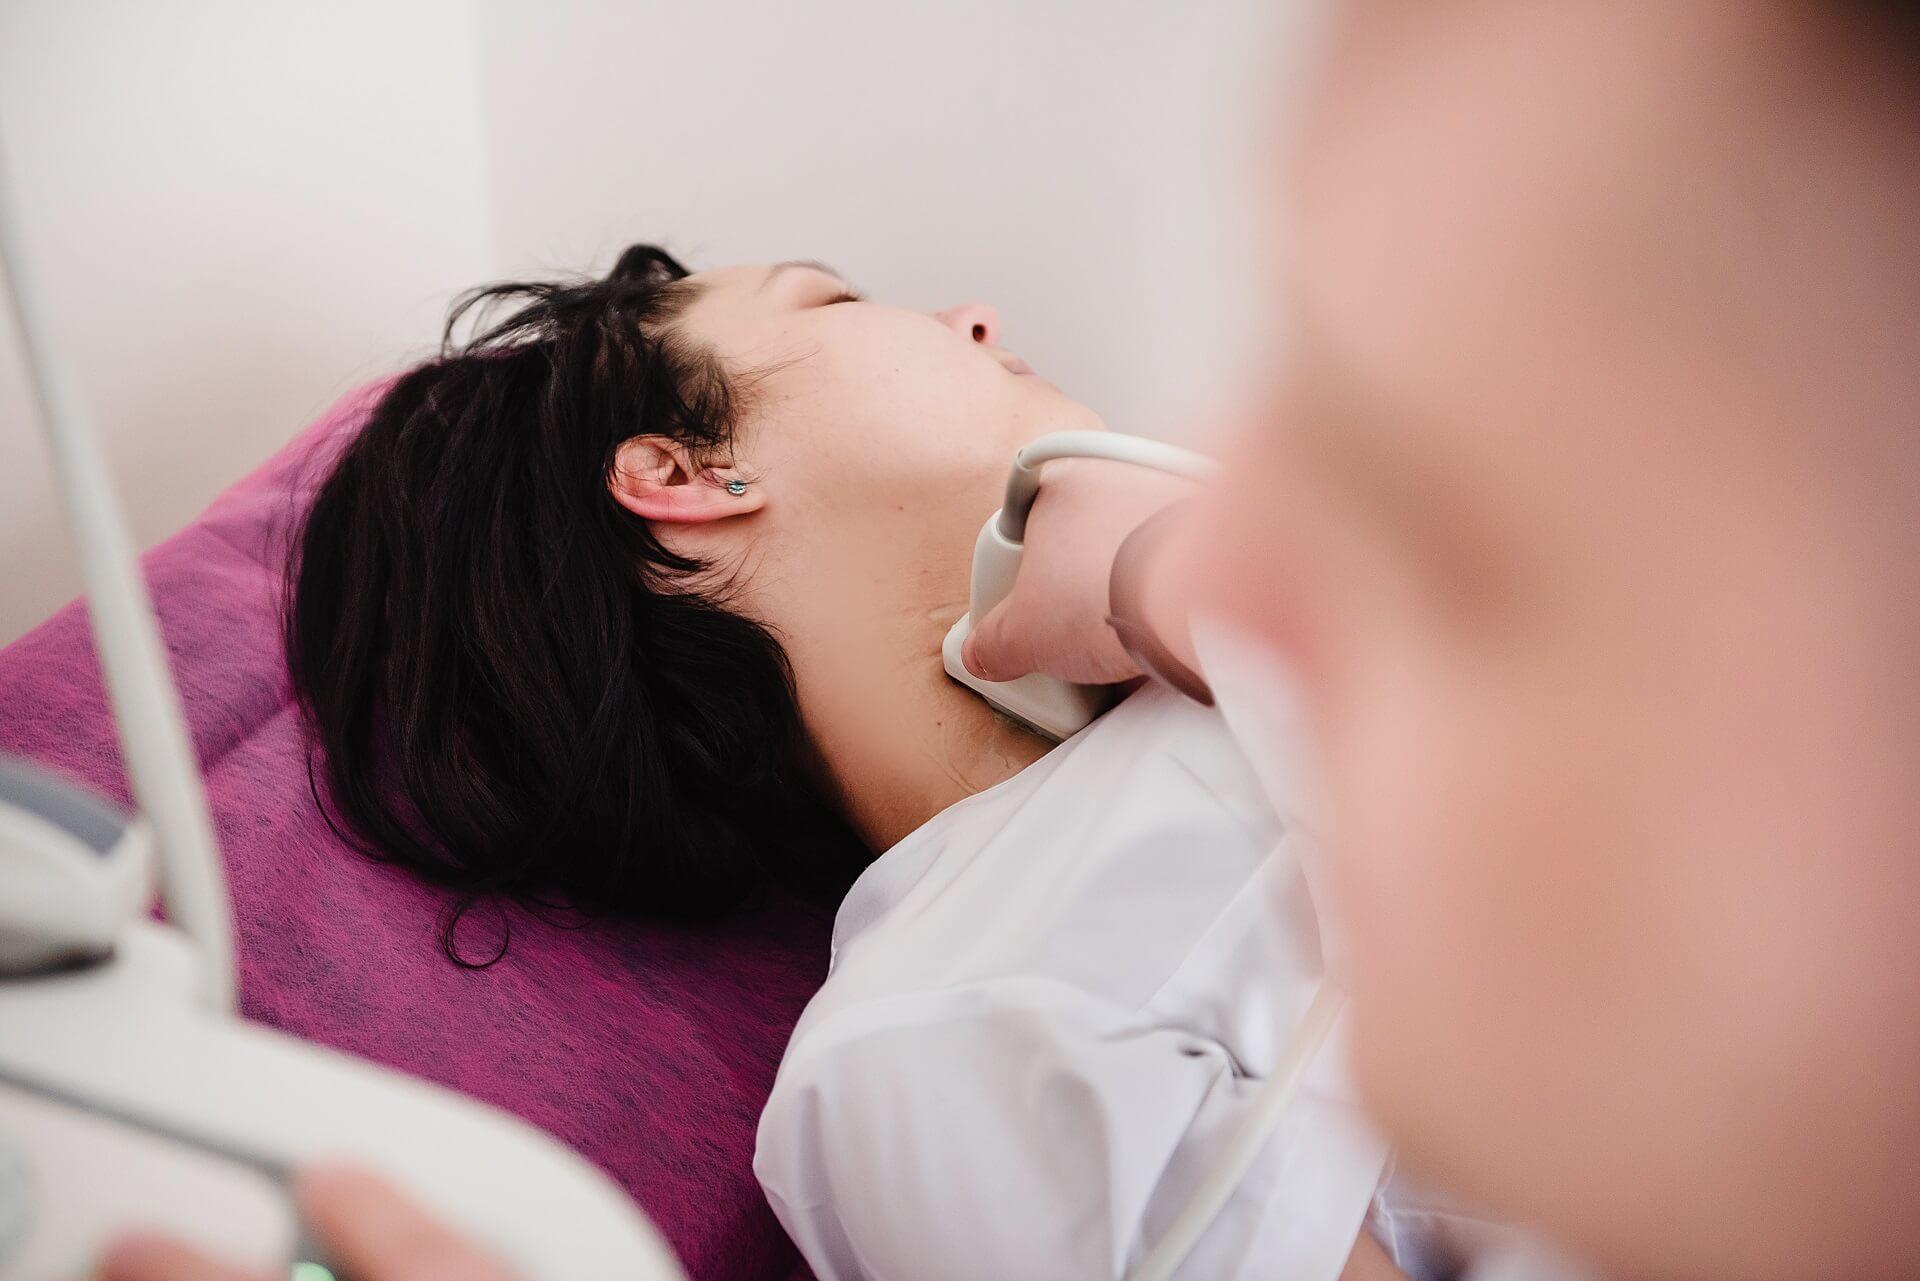 УЗИ щитовидной железы Киев